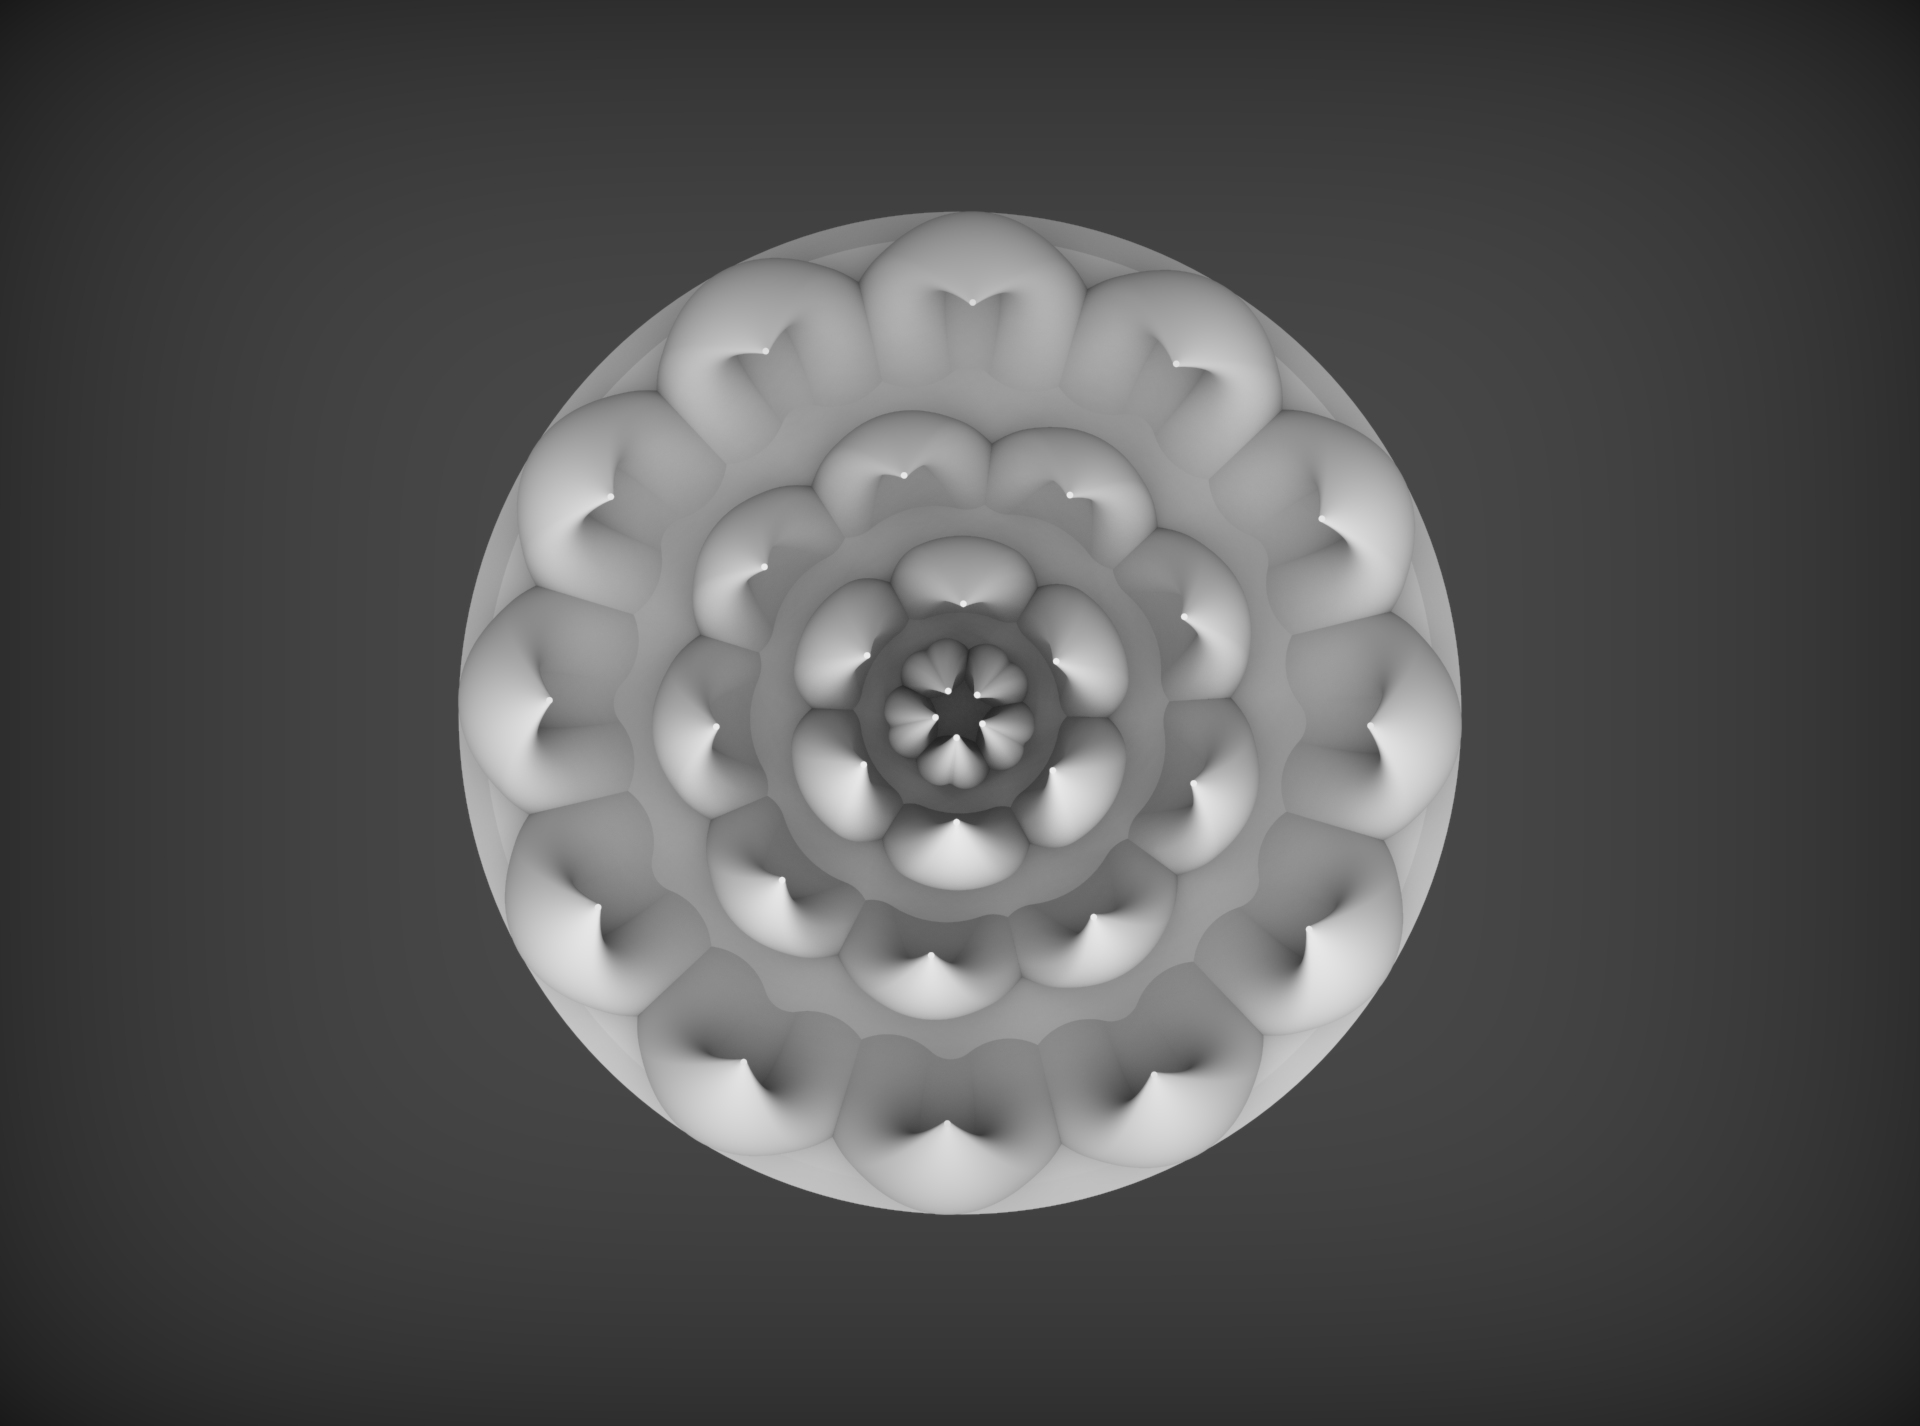 Сделать 3D модель массажного элемента формат STP/UG фото f_2585d2d9e6ae497a.jpg